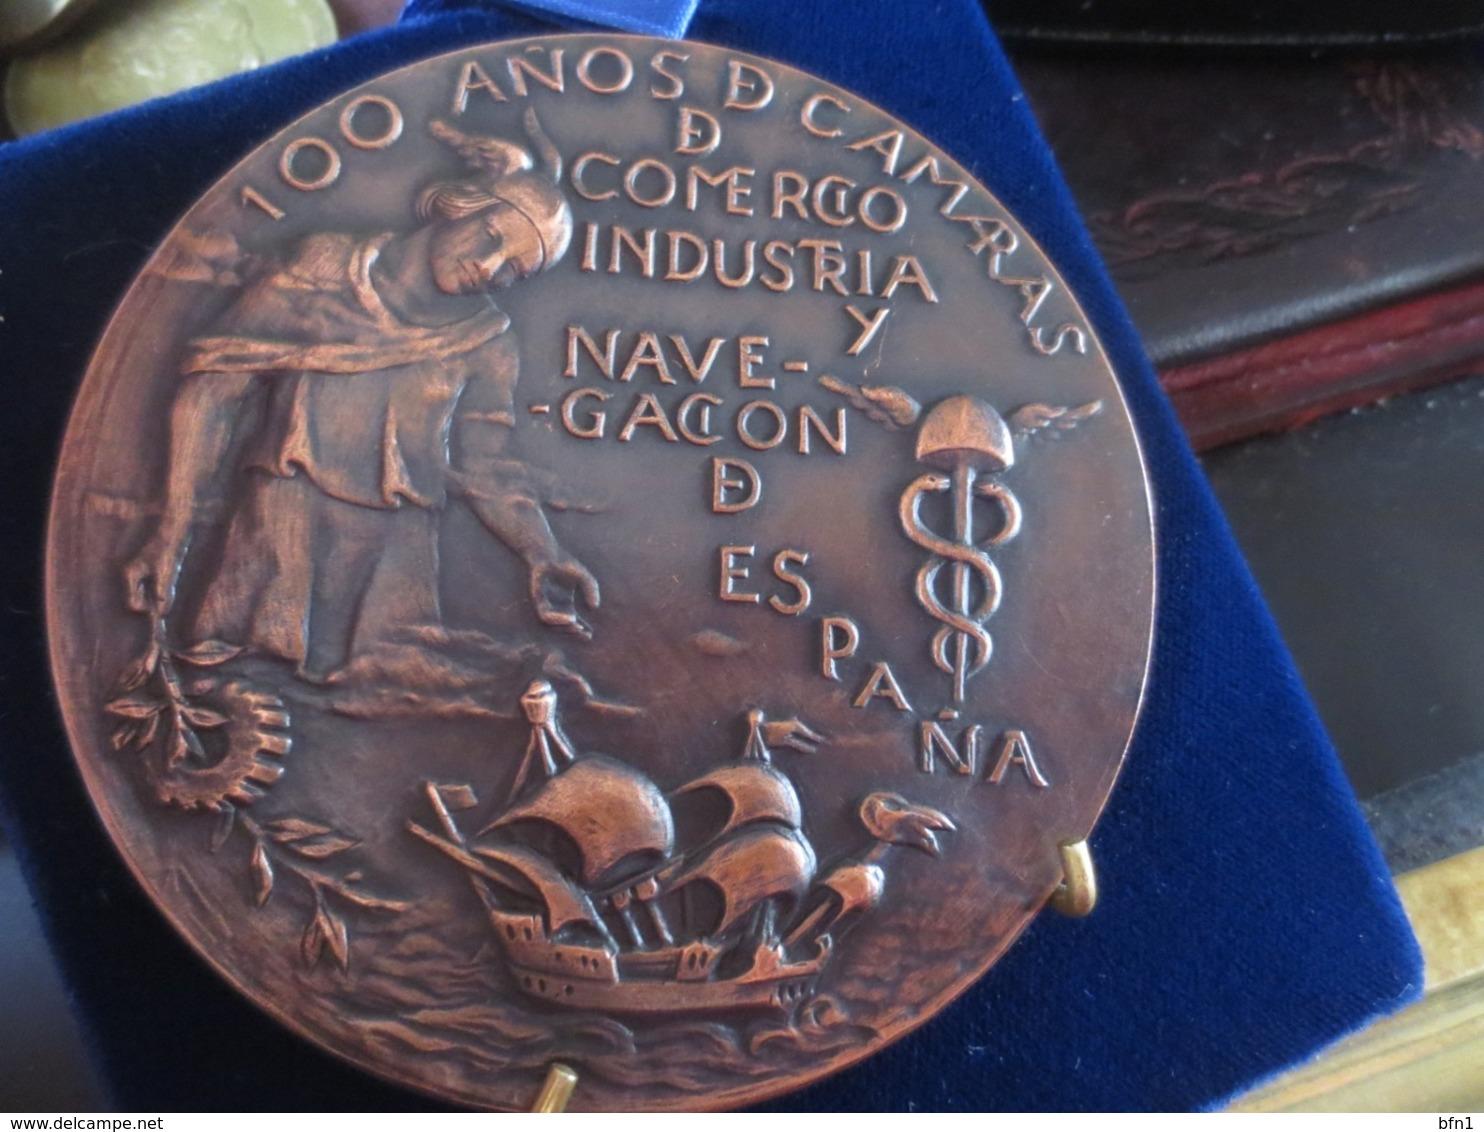 ESPAÑA. MEDALLA CONMEMORATIVA DE LOS 100 AÑOS DE LAS CÁMARAS DE COMERCIO, INDUSTRIA Y NAVEGACIÓN. 1986 - Professionals/Firms